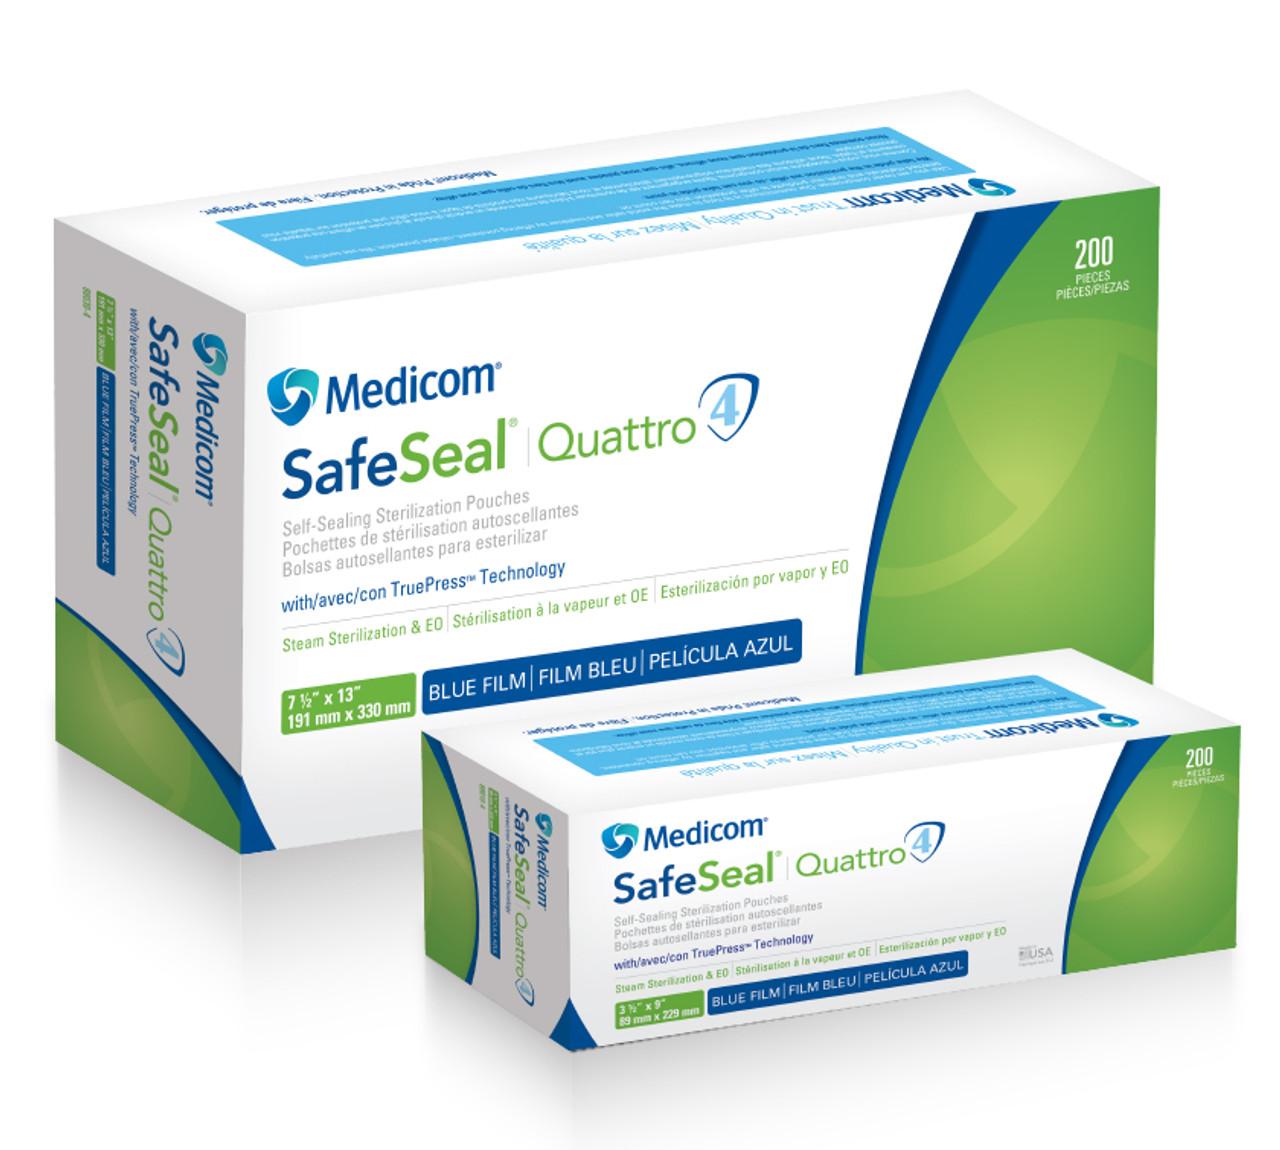 Medicom Safeseal Quattro Sterilization Pouches, 3 5